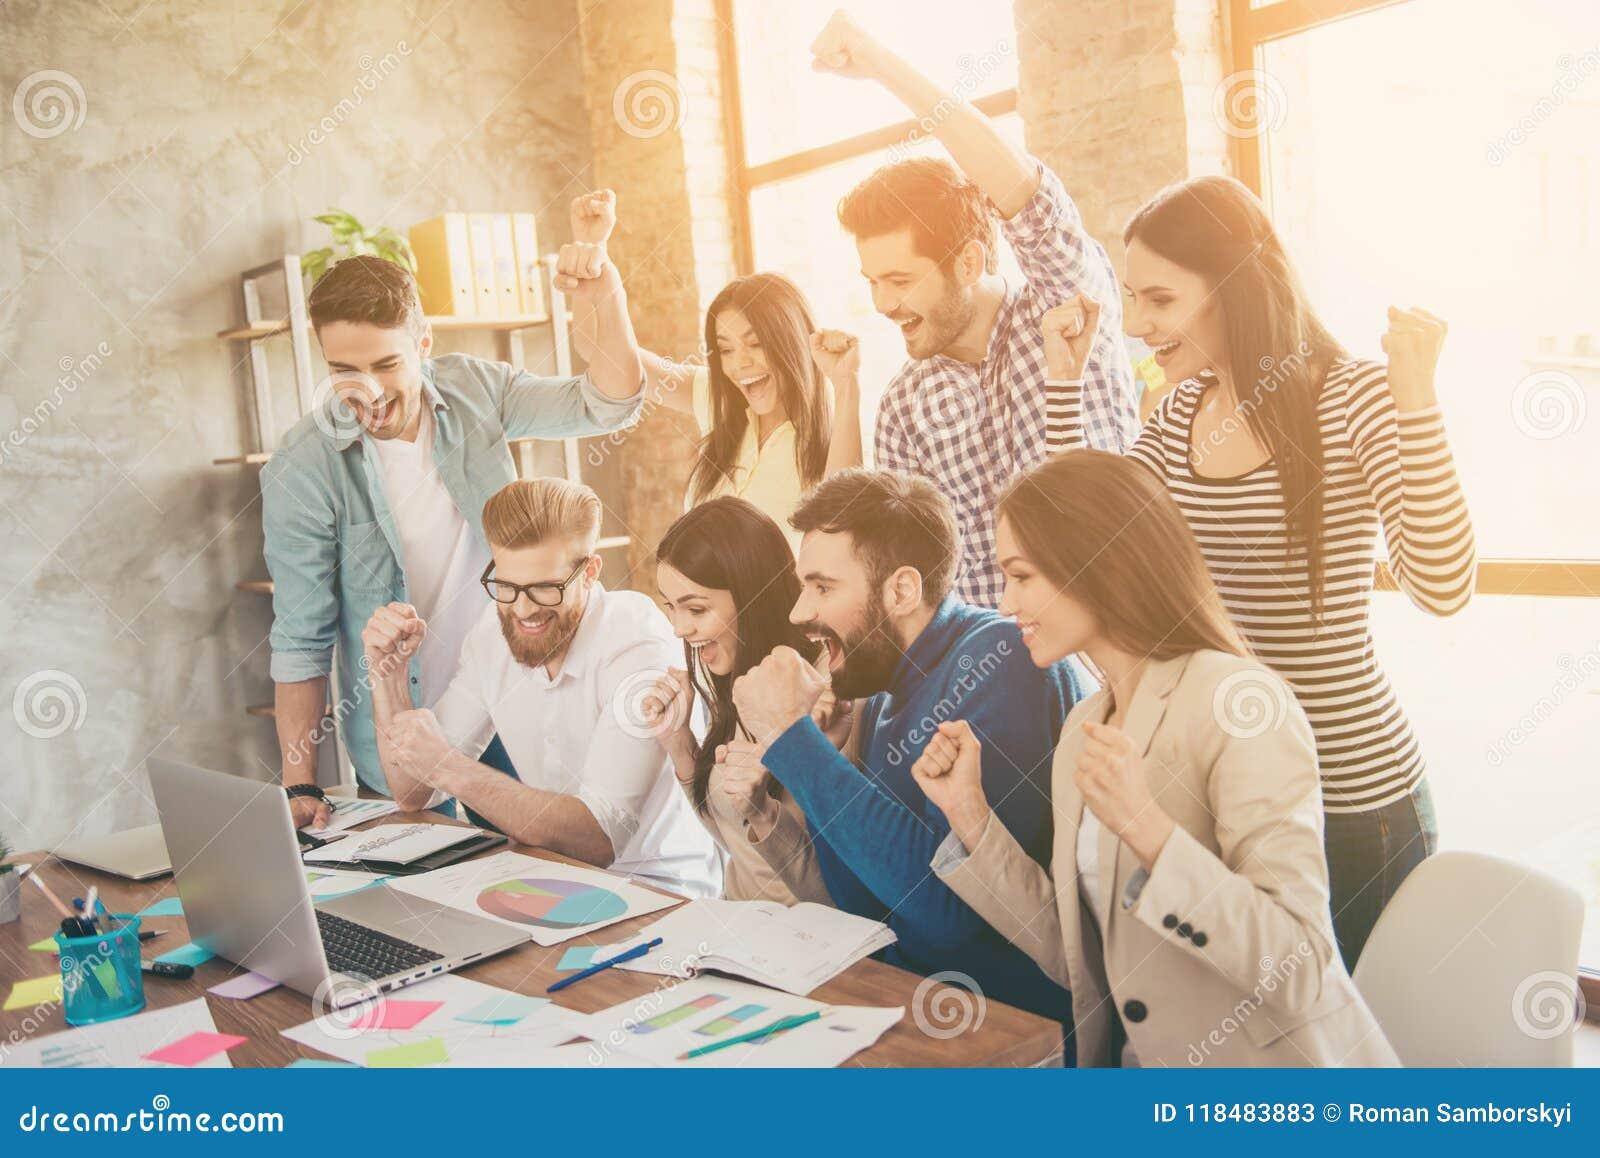 Erfolg und Teamarbeitskonzept Gruppe Teilhaber mit r